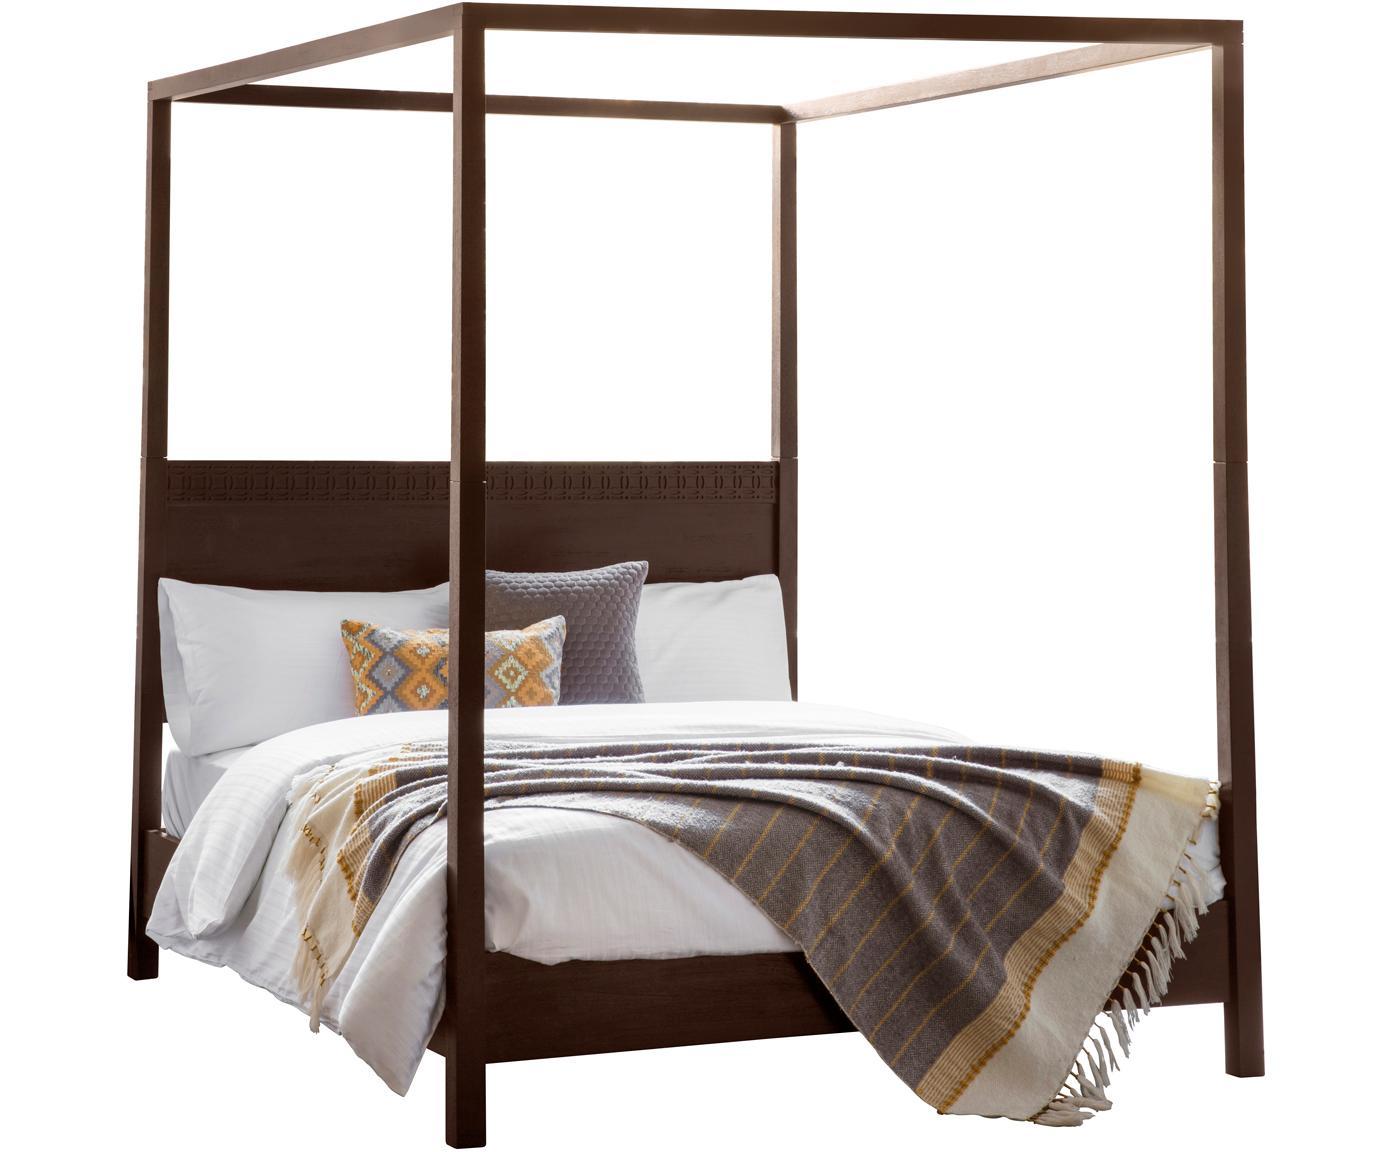 Łóżko  z drewna z baldachimem Retreat, Drewno mangowe z fornirowanymi kawałkami drewna tekowego, drewno mahoniowe, drewno mindi, Odcienie ciemnego brązowego, 180 x 200 cm